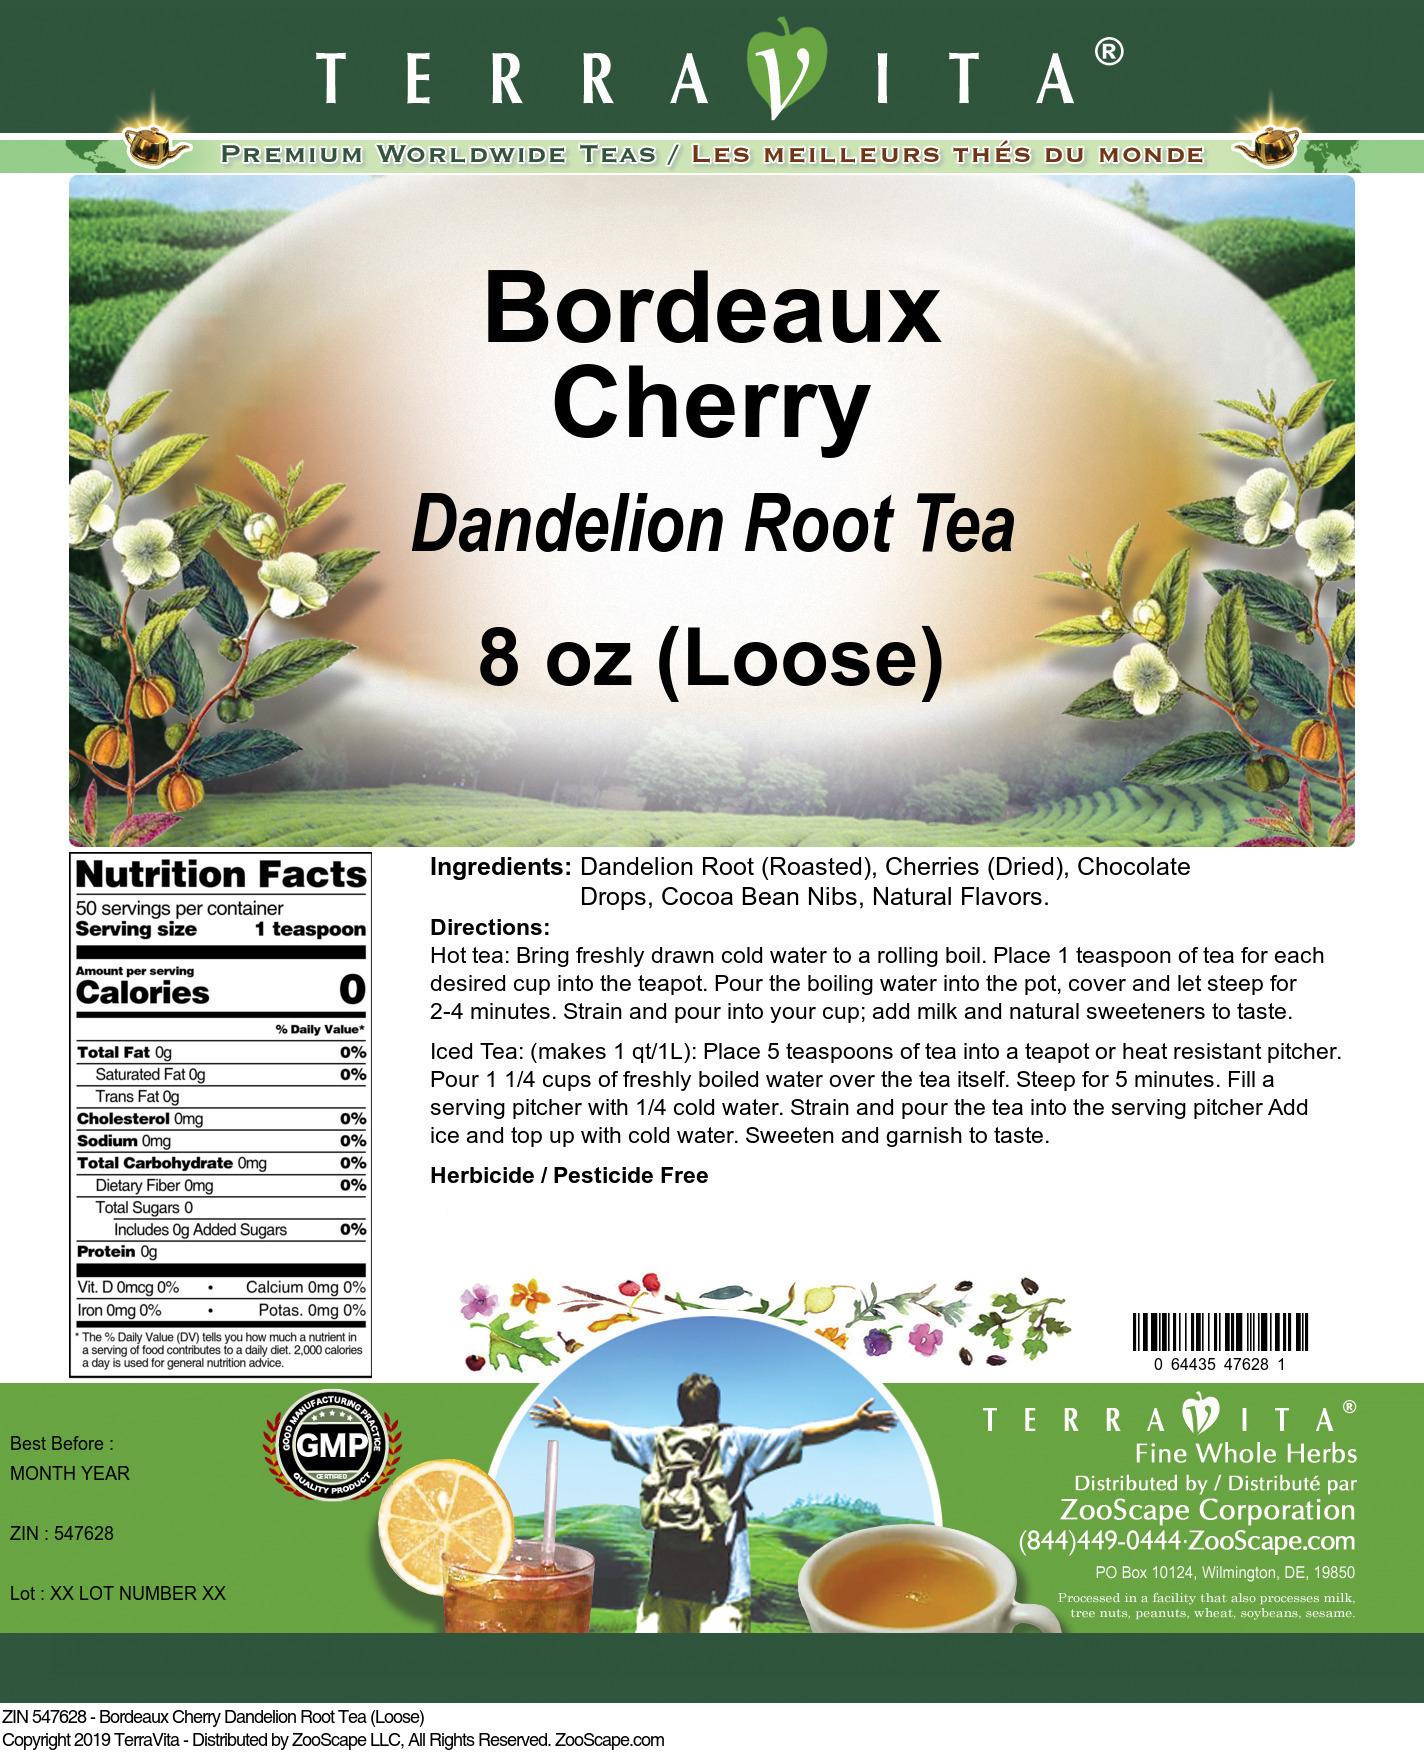 Bordeaux Cherry Dandelion Root